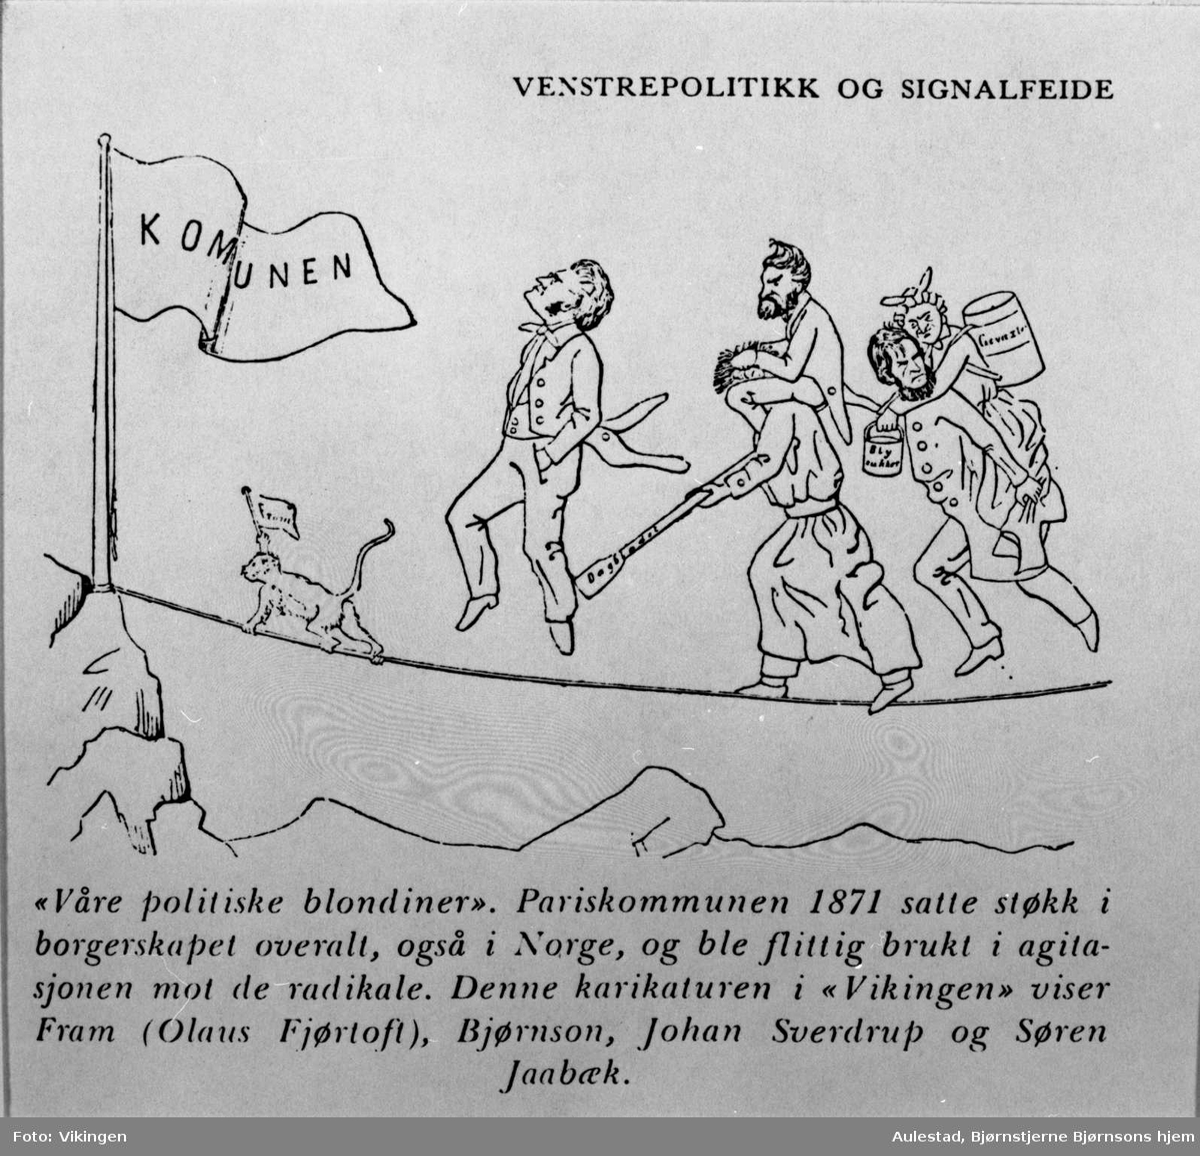 Karikatur, Bjørnson, Sverdrup, Fram, Jaabæk, Pariskommunen,